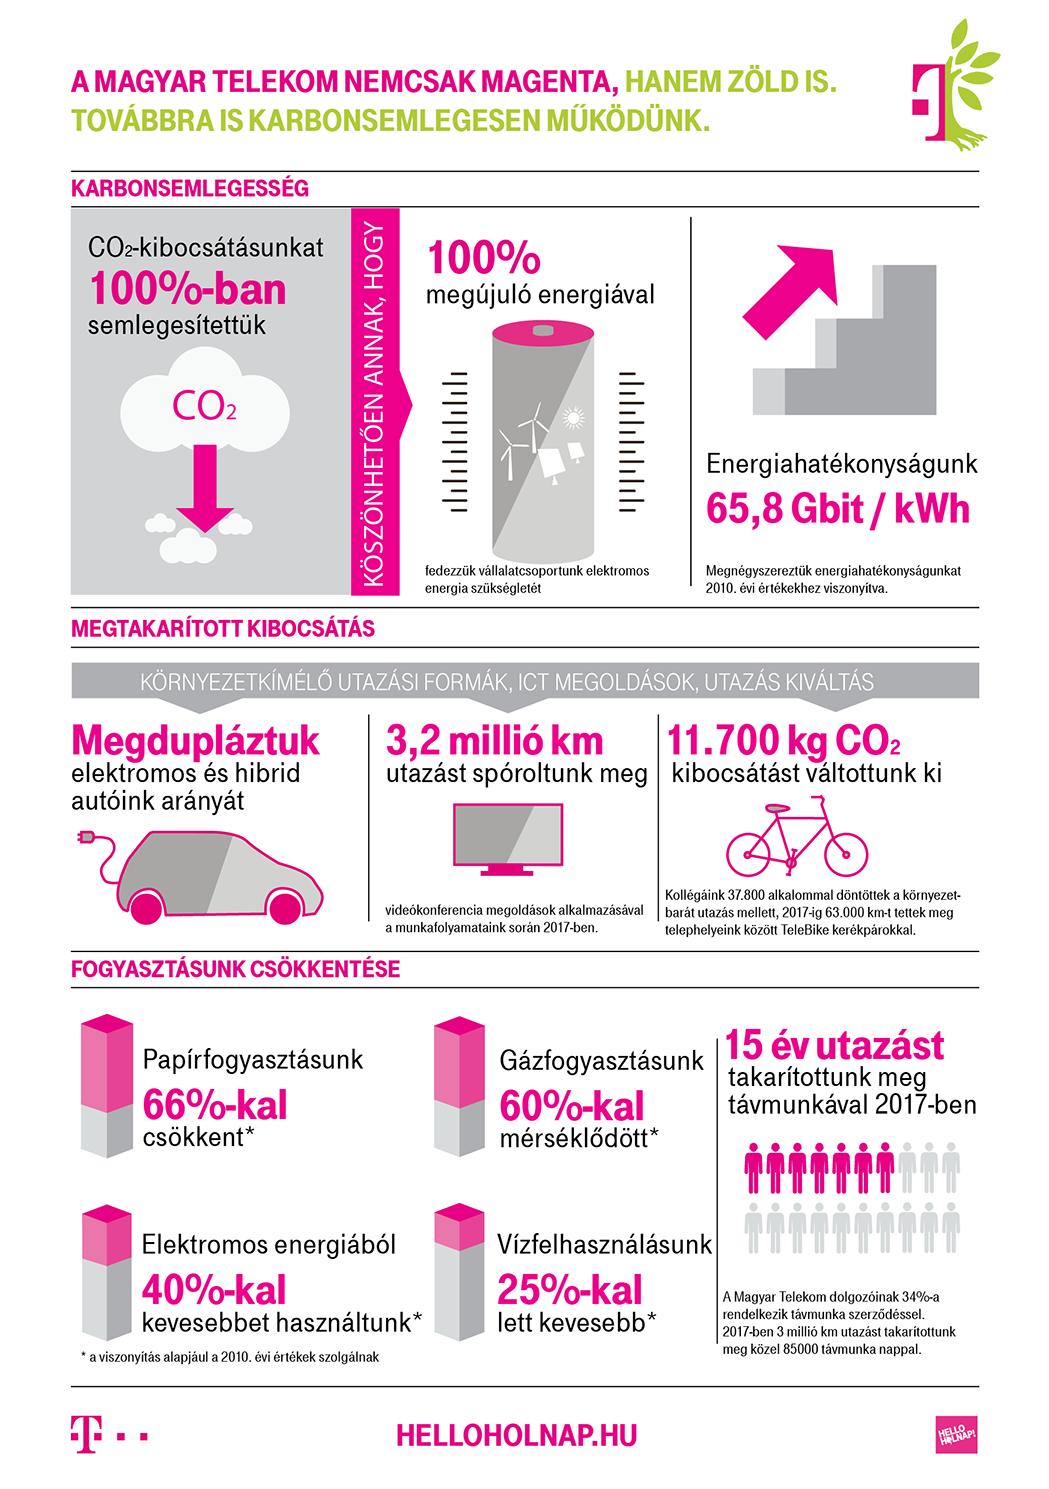 Magyar Telekom Csoport: Három év karbonlábnyom nélkül - ClimeNews